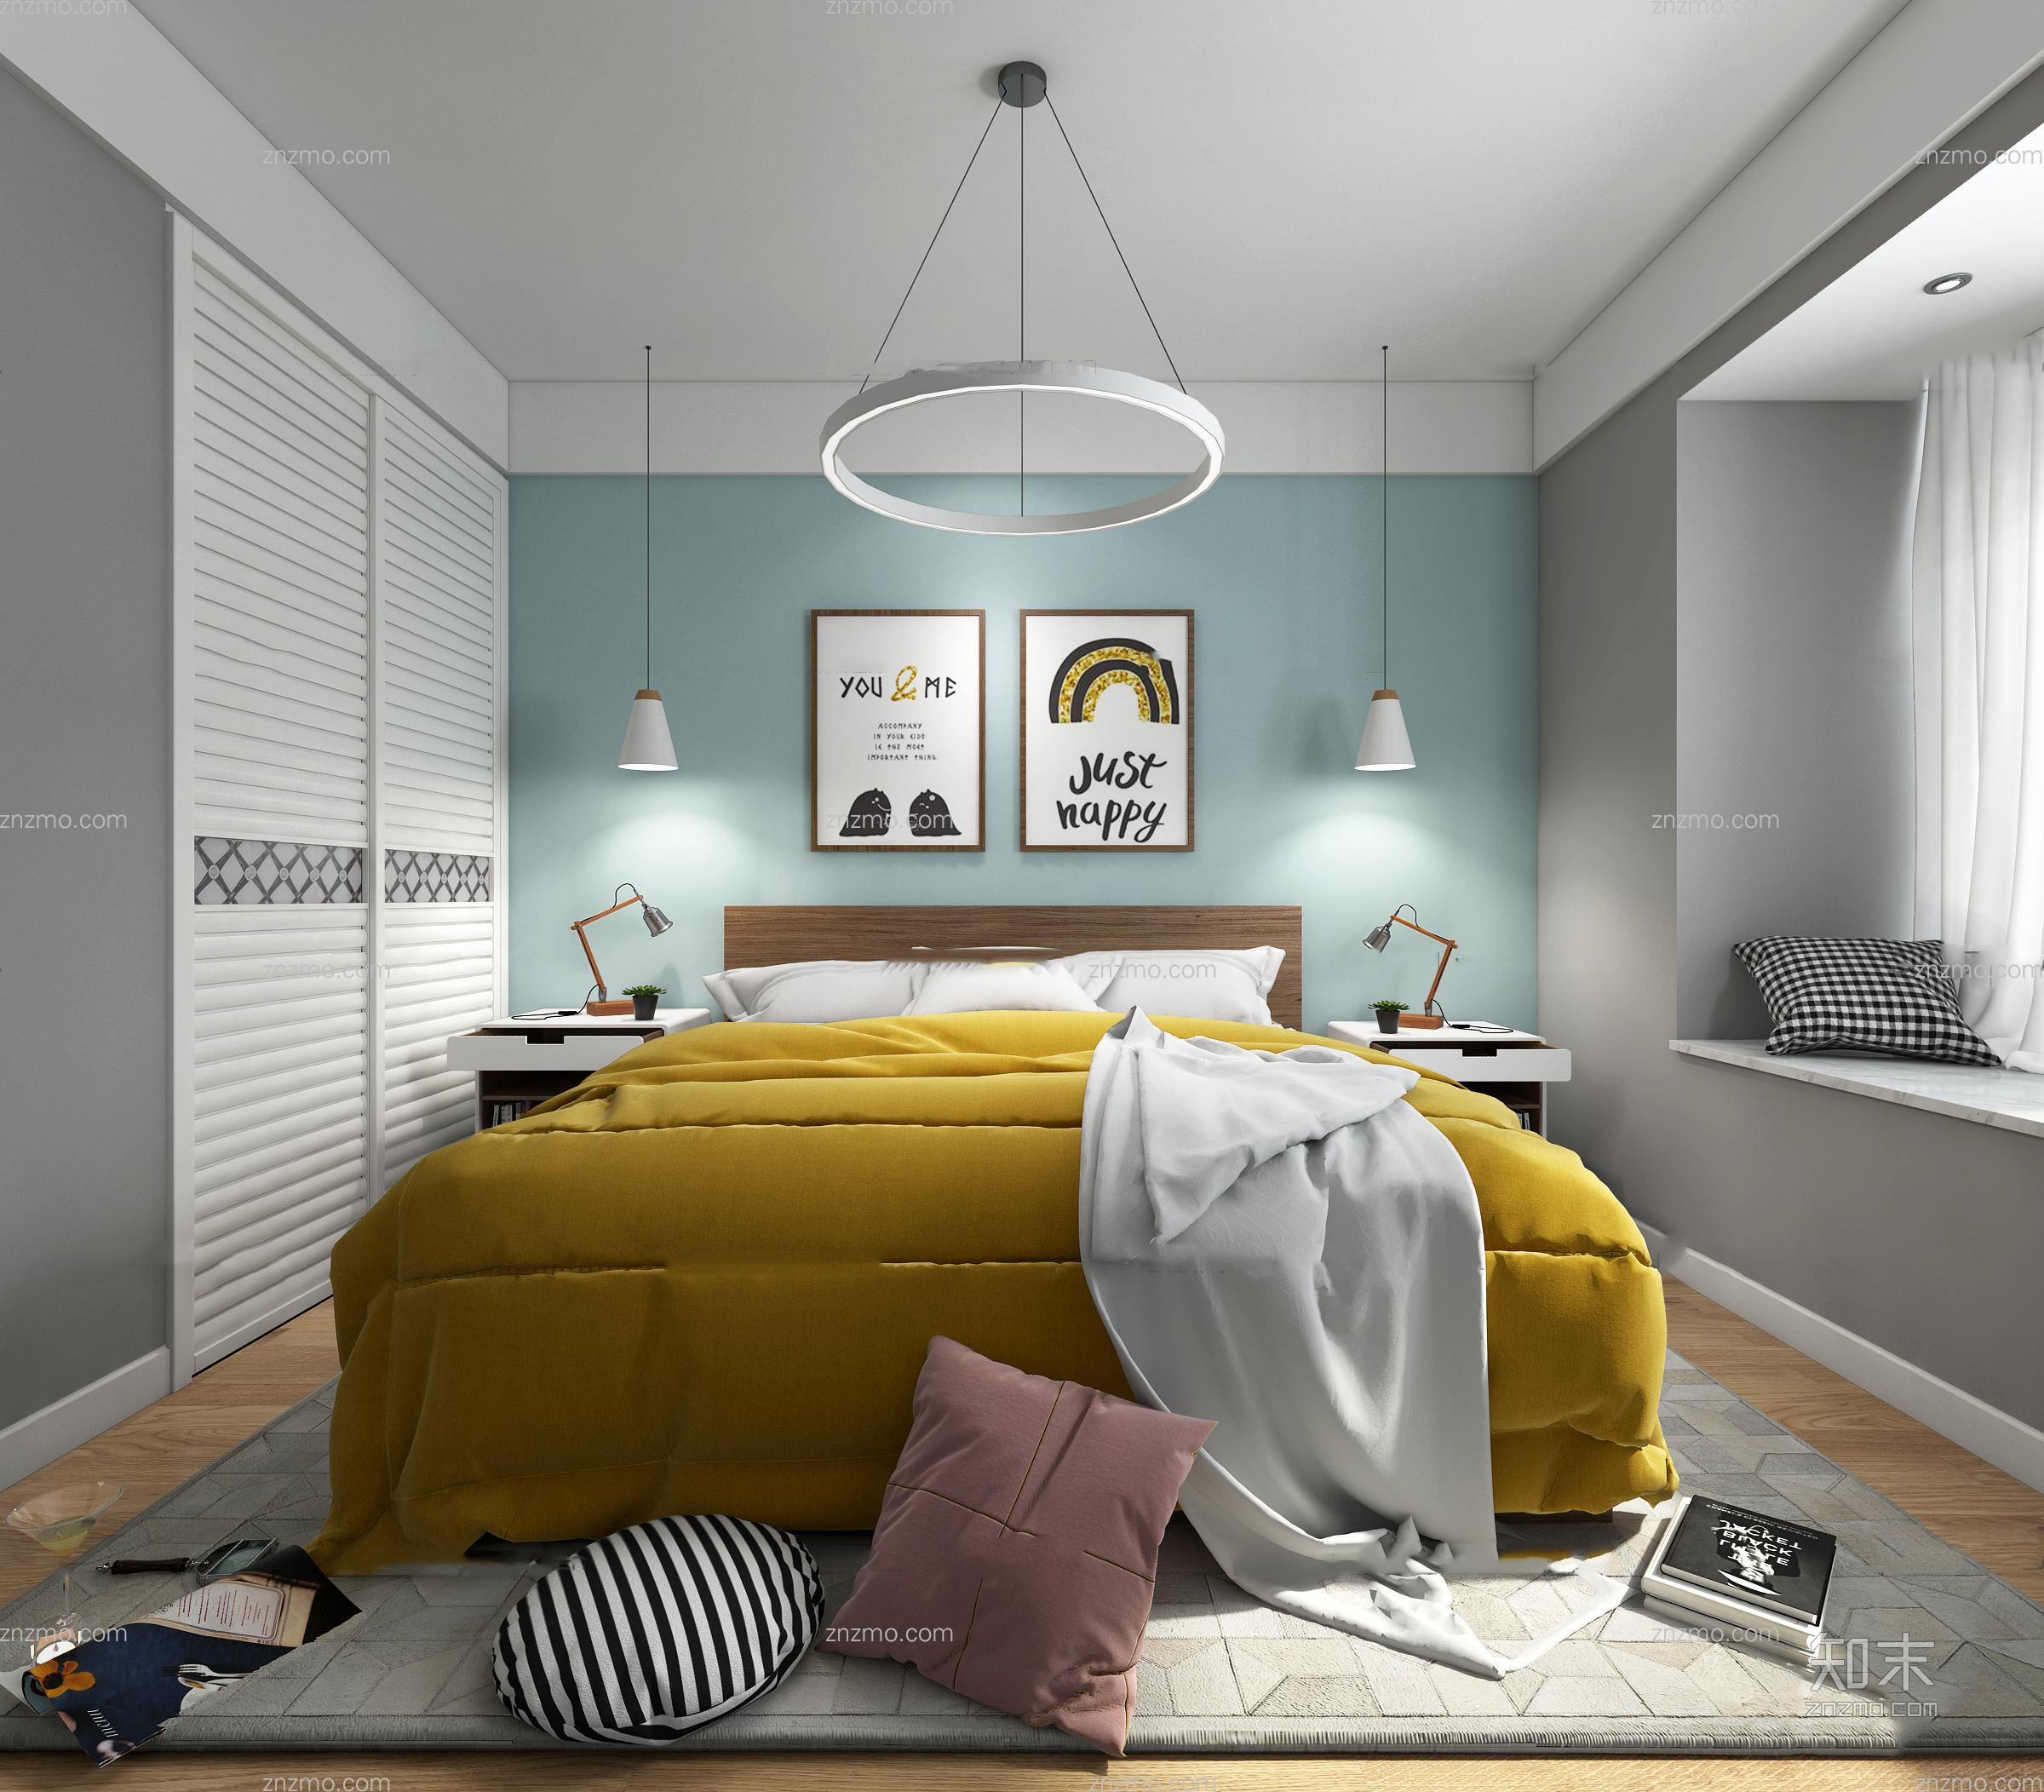 北欧卧室 双人床 吊灯 挂画 抱枕 床头柜 台灯